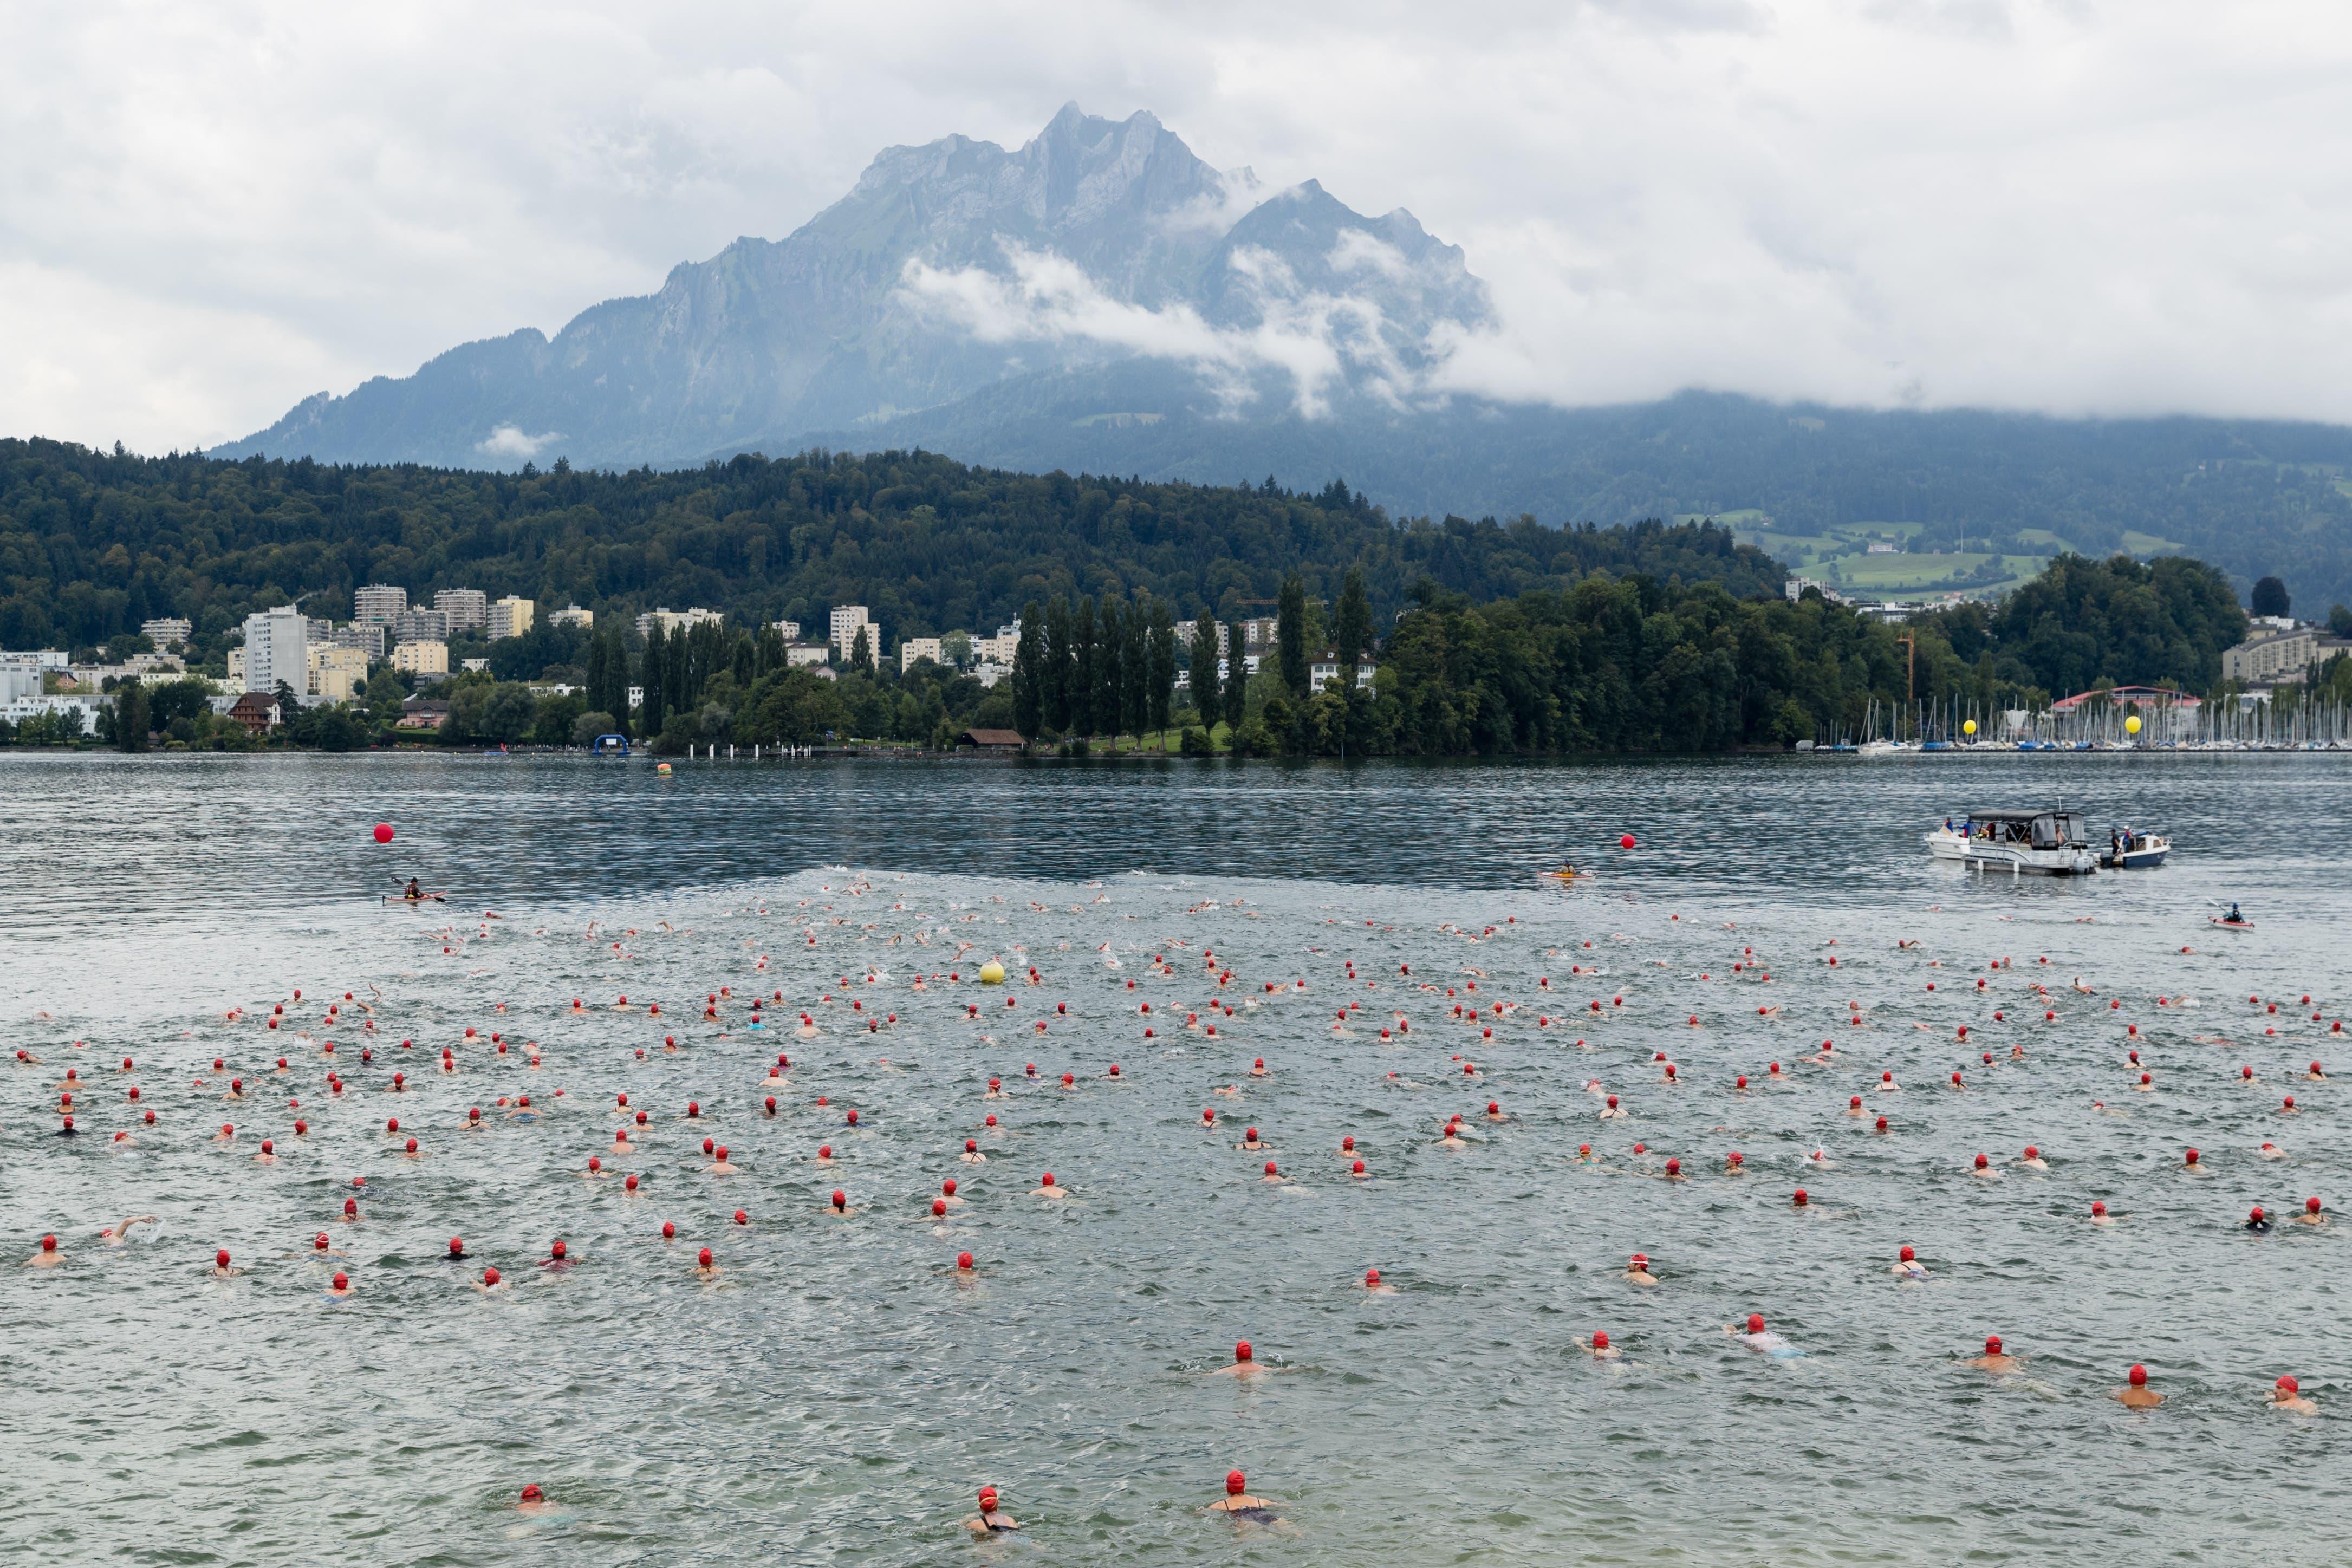 Zahlreiche Schwimmer starten zur Seeueberquerung im Strandbad Lido.